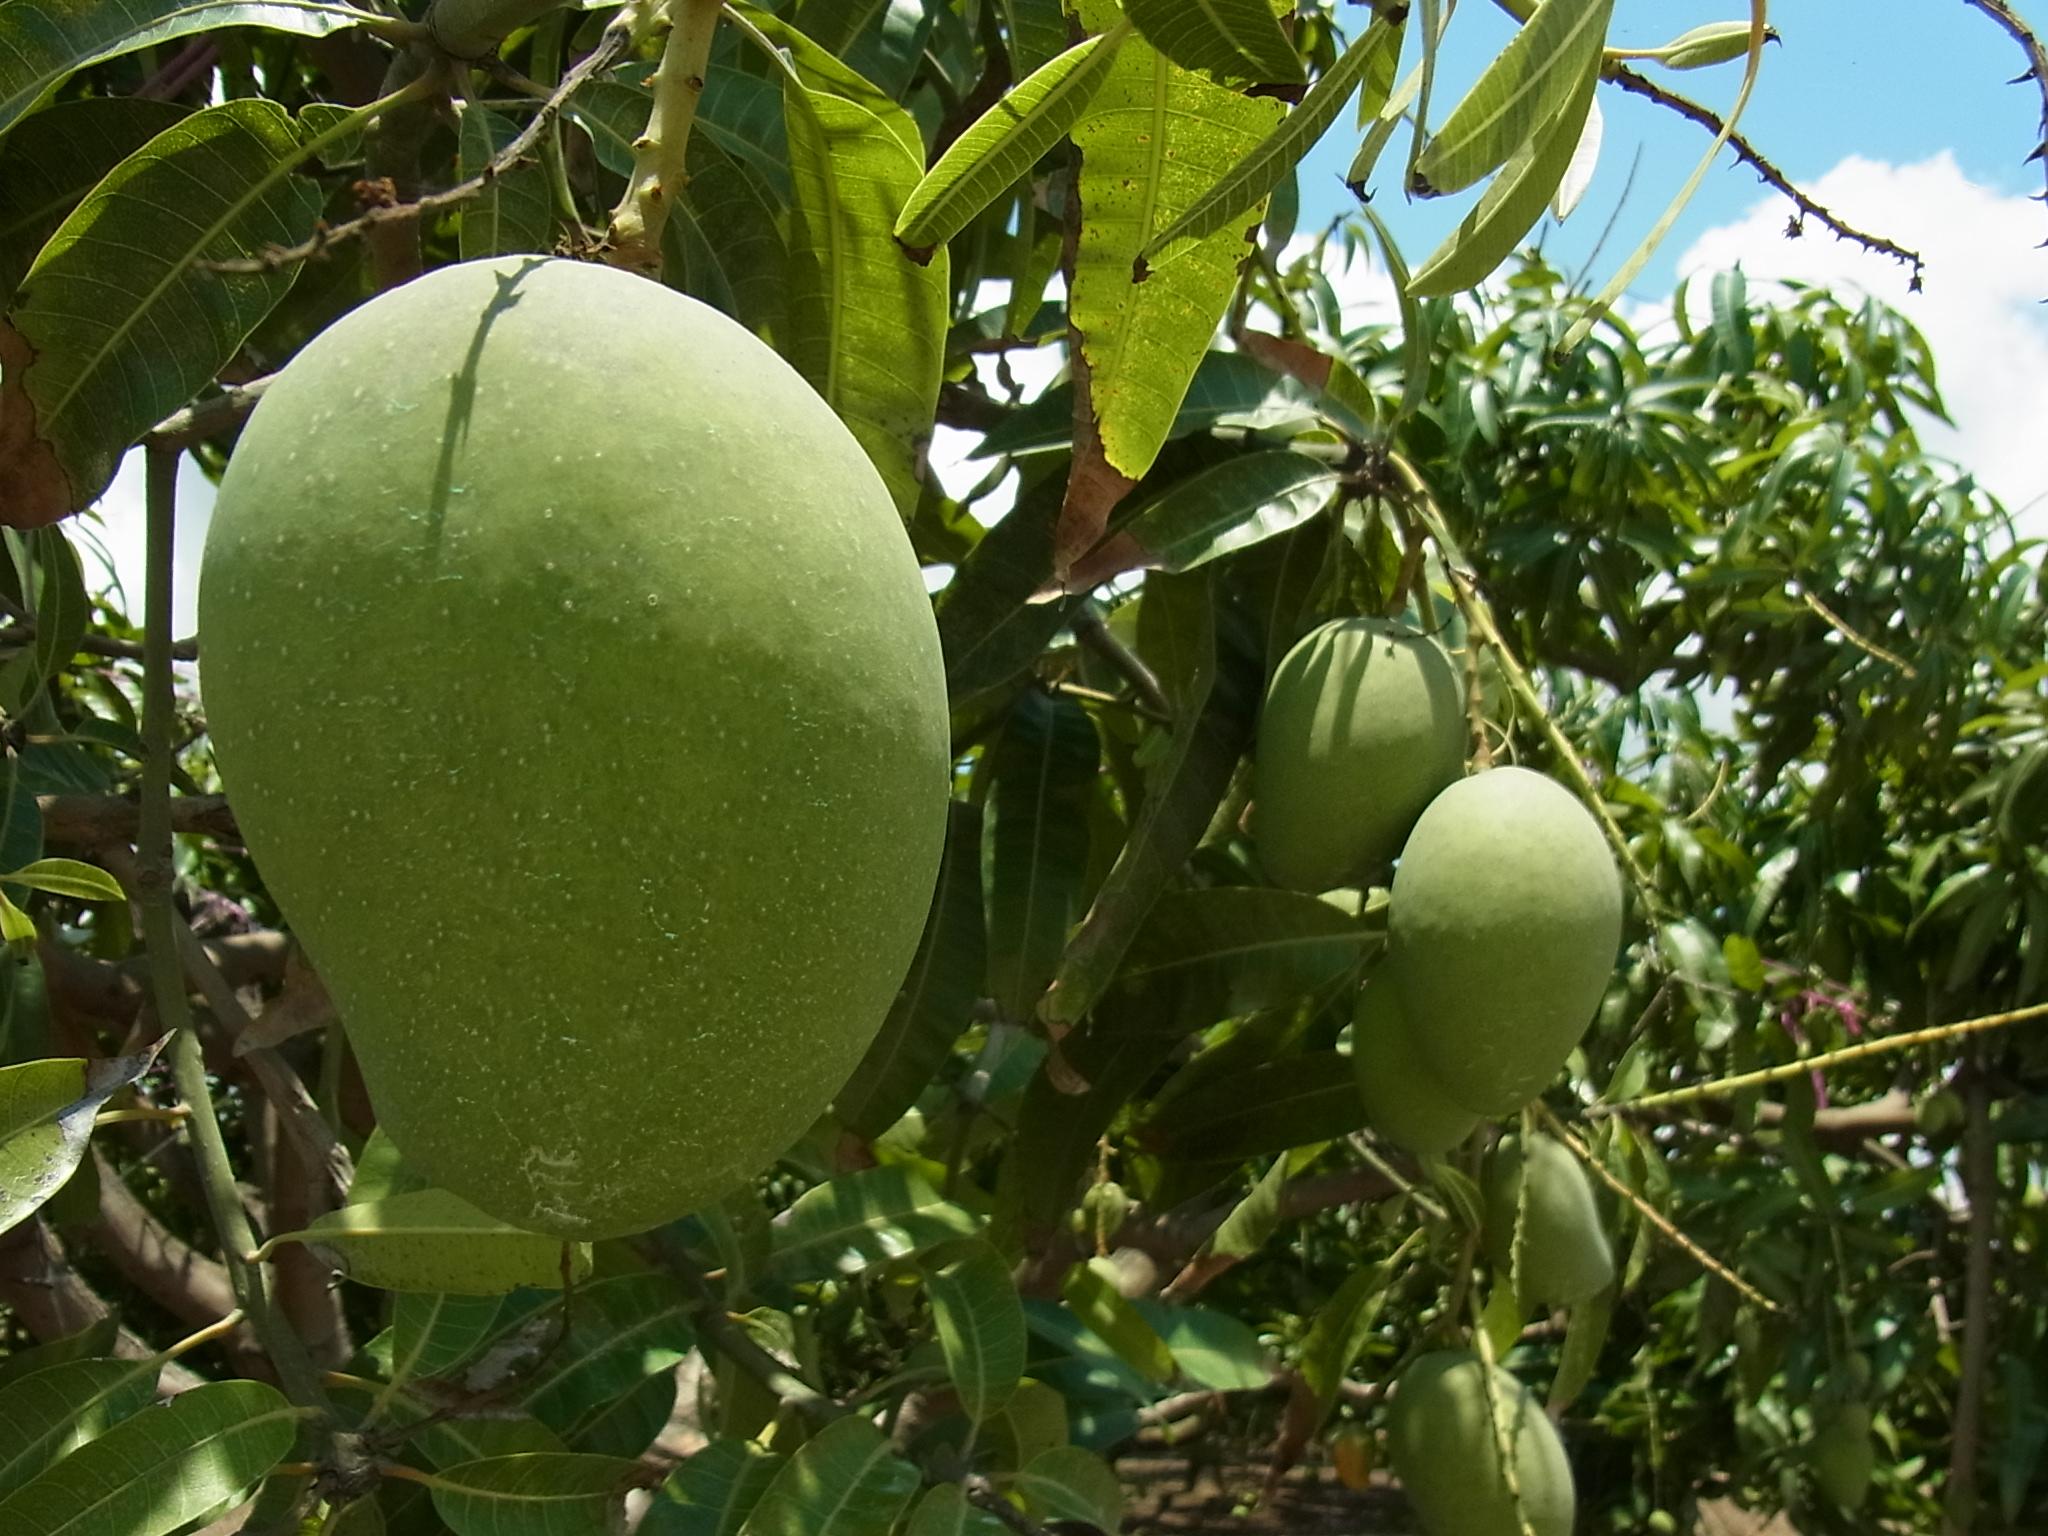 <p>太陽をいっぱいに浴びた大きなマンゴー、写真の実は収穫までもうすぐです! このマンゴーがおいしいワインになるのです。 だいたい毎年12〜2月がマンゴーの収穫、 4〜9月がワインを作る季節なんだとか。 こちらではセカンドワーキングホリデービザ取得のための ファームジョブにも対応しています。 興味のある方は電話で仕事の有無などを問い合わせてみてくださいね。</p>